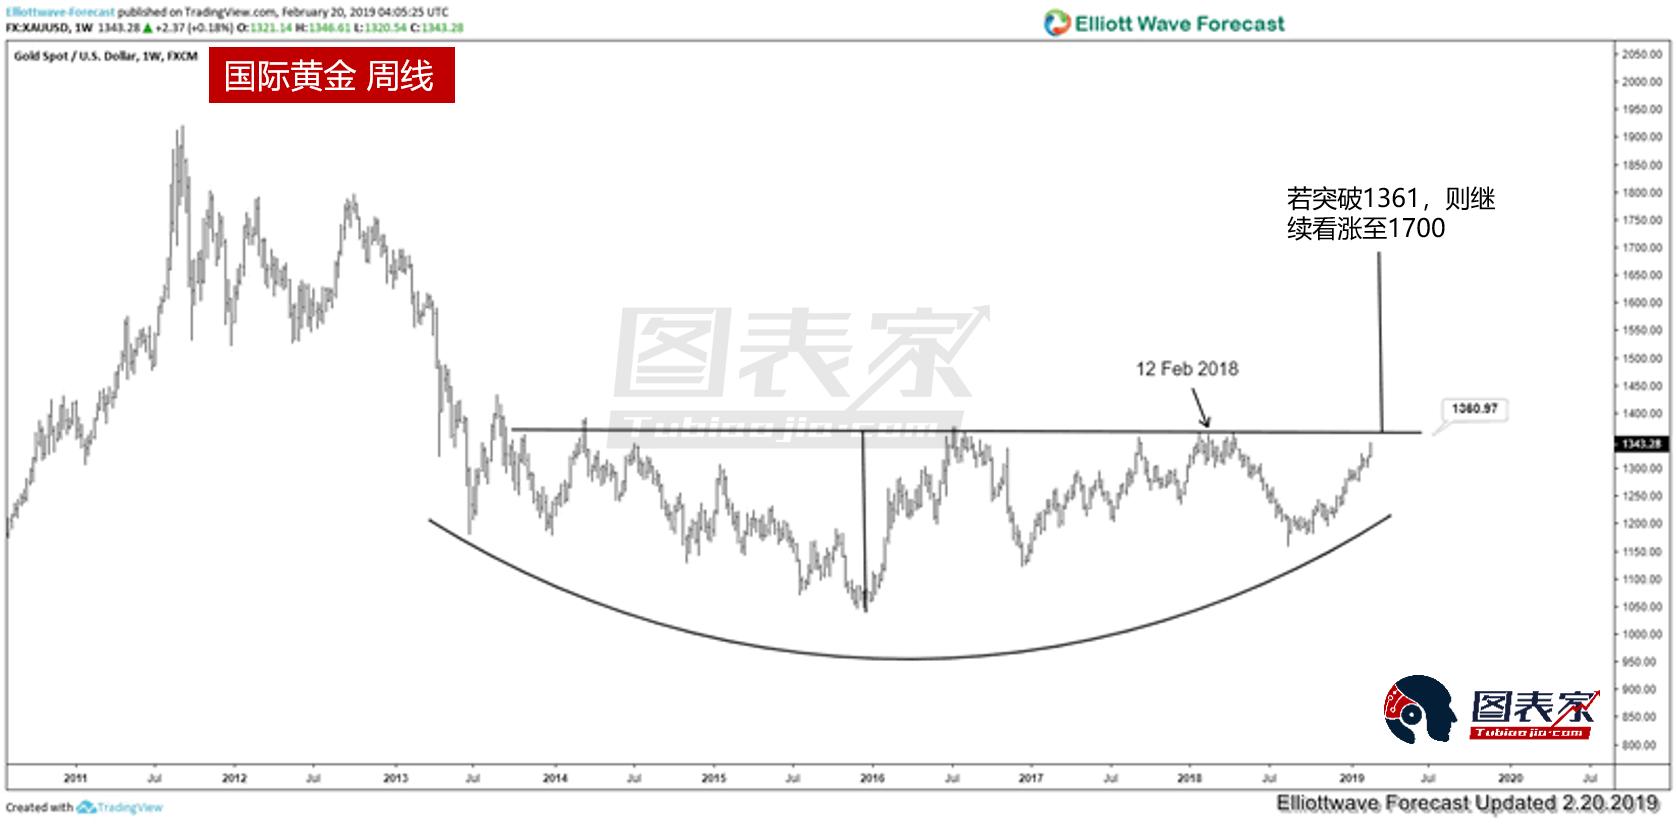 對黃金的艾略特波浪分析顯示,黃金兌世界貨幣(WOCU)即將出現突破上漲。 WOCU是一籃子貨幣的加權貨幣。